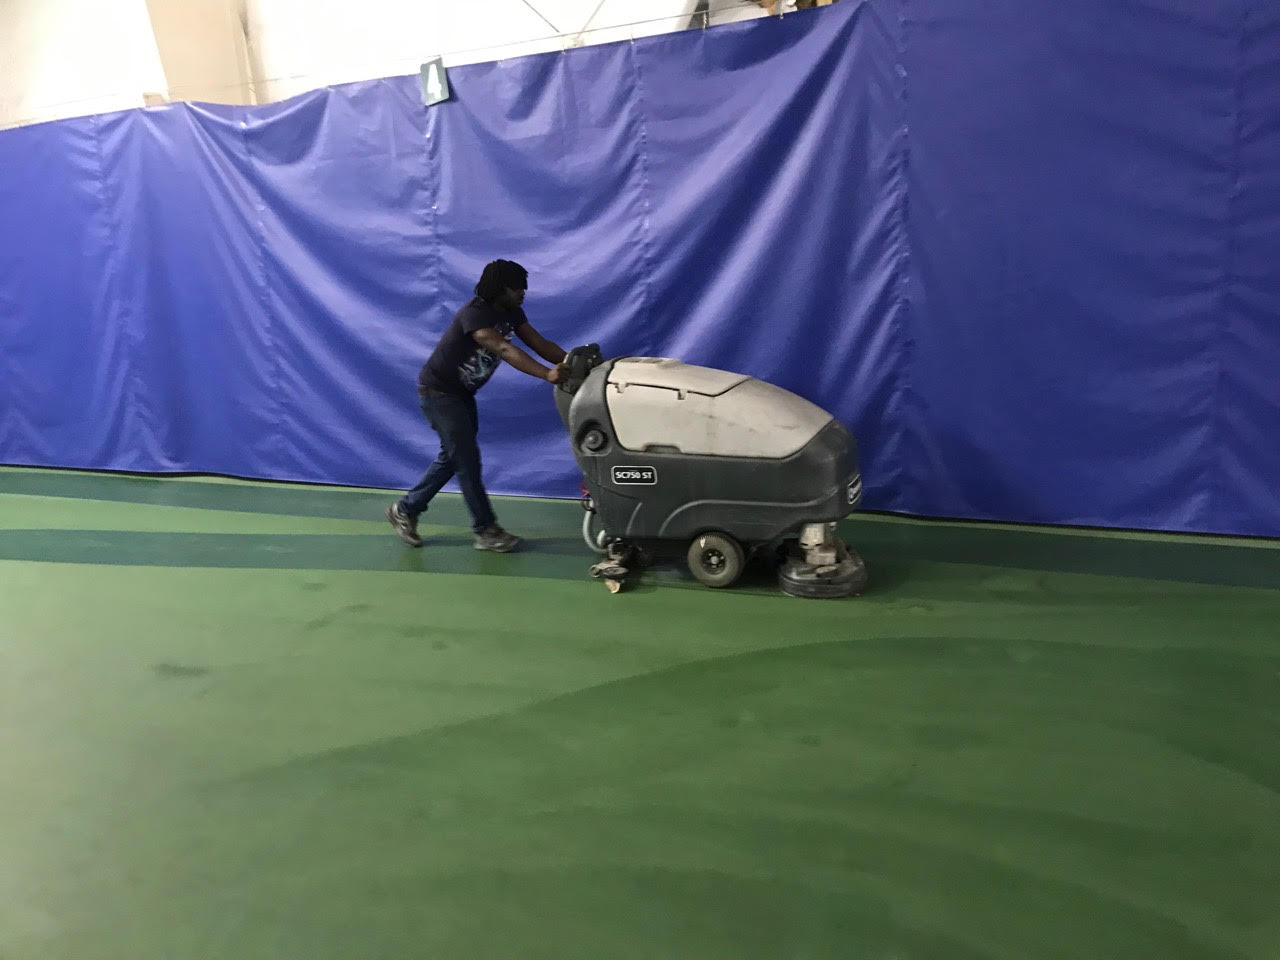 carroll tennis center3